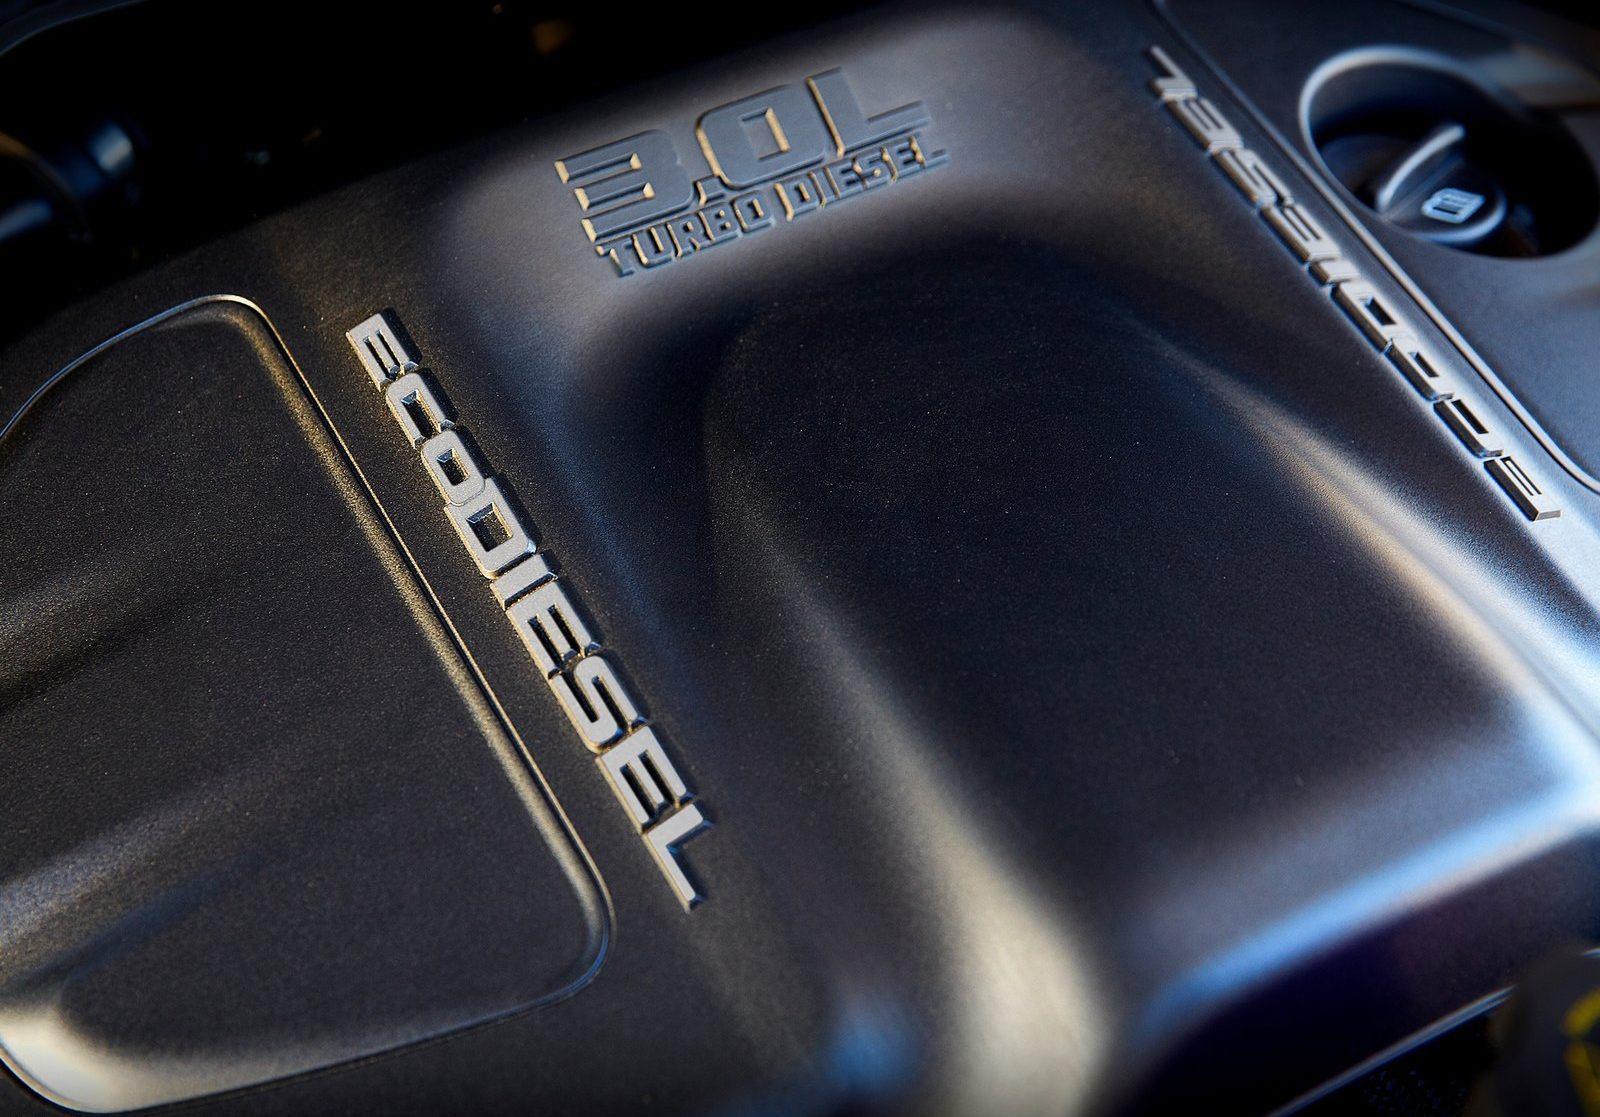 2014 Ram 1500 Diesel